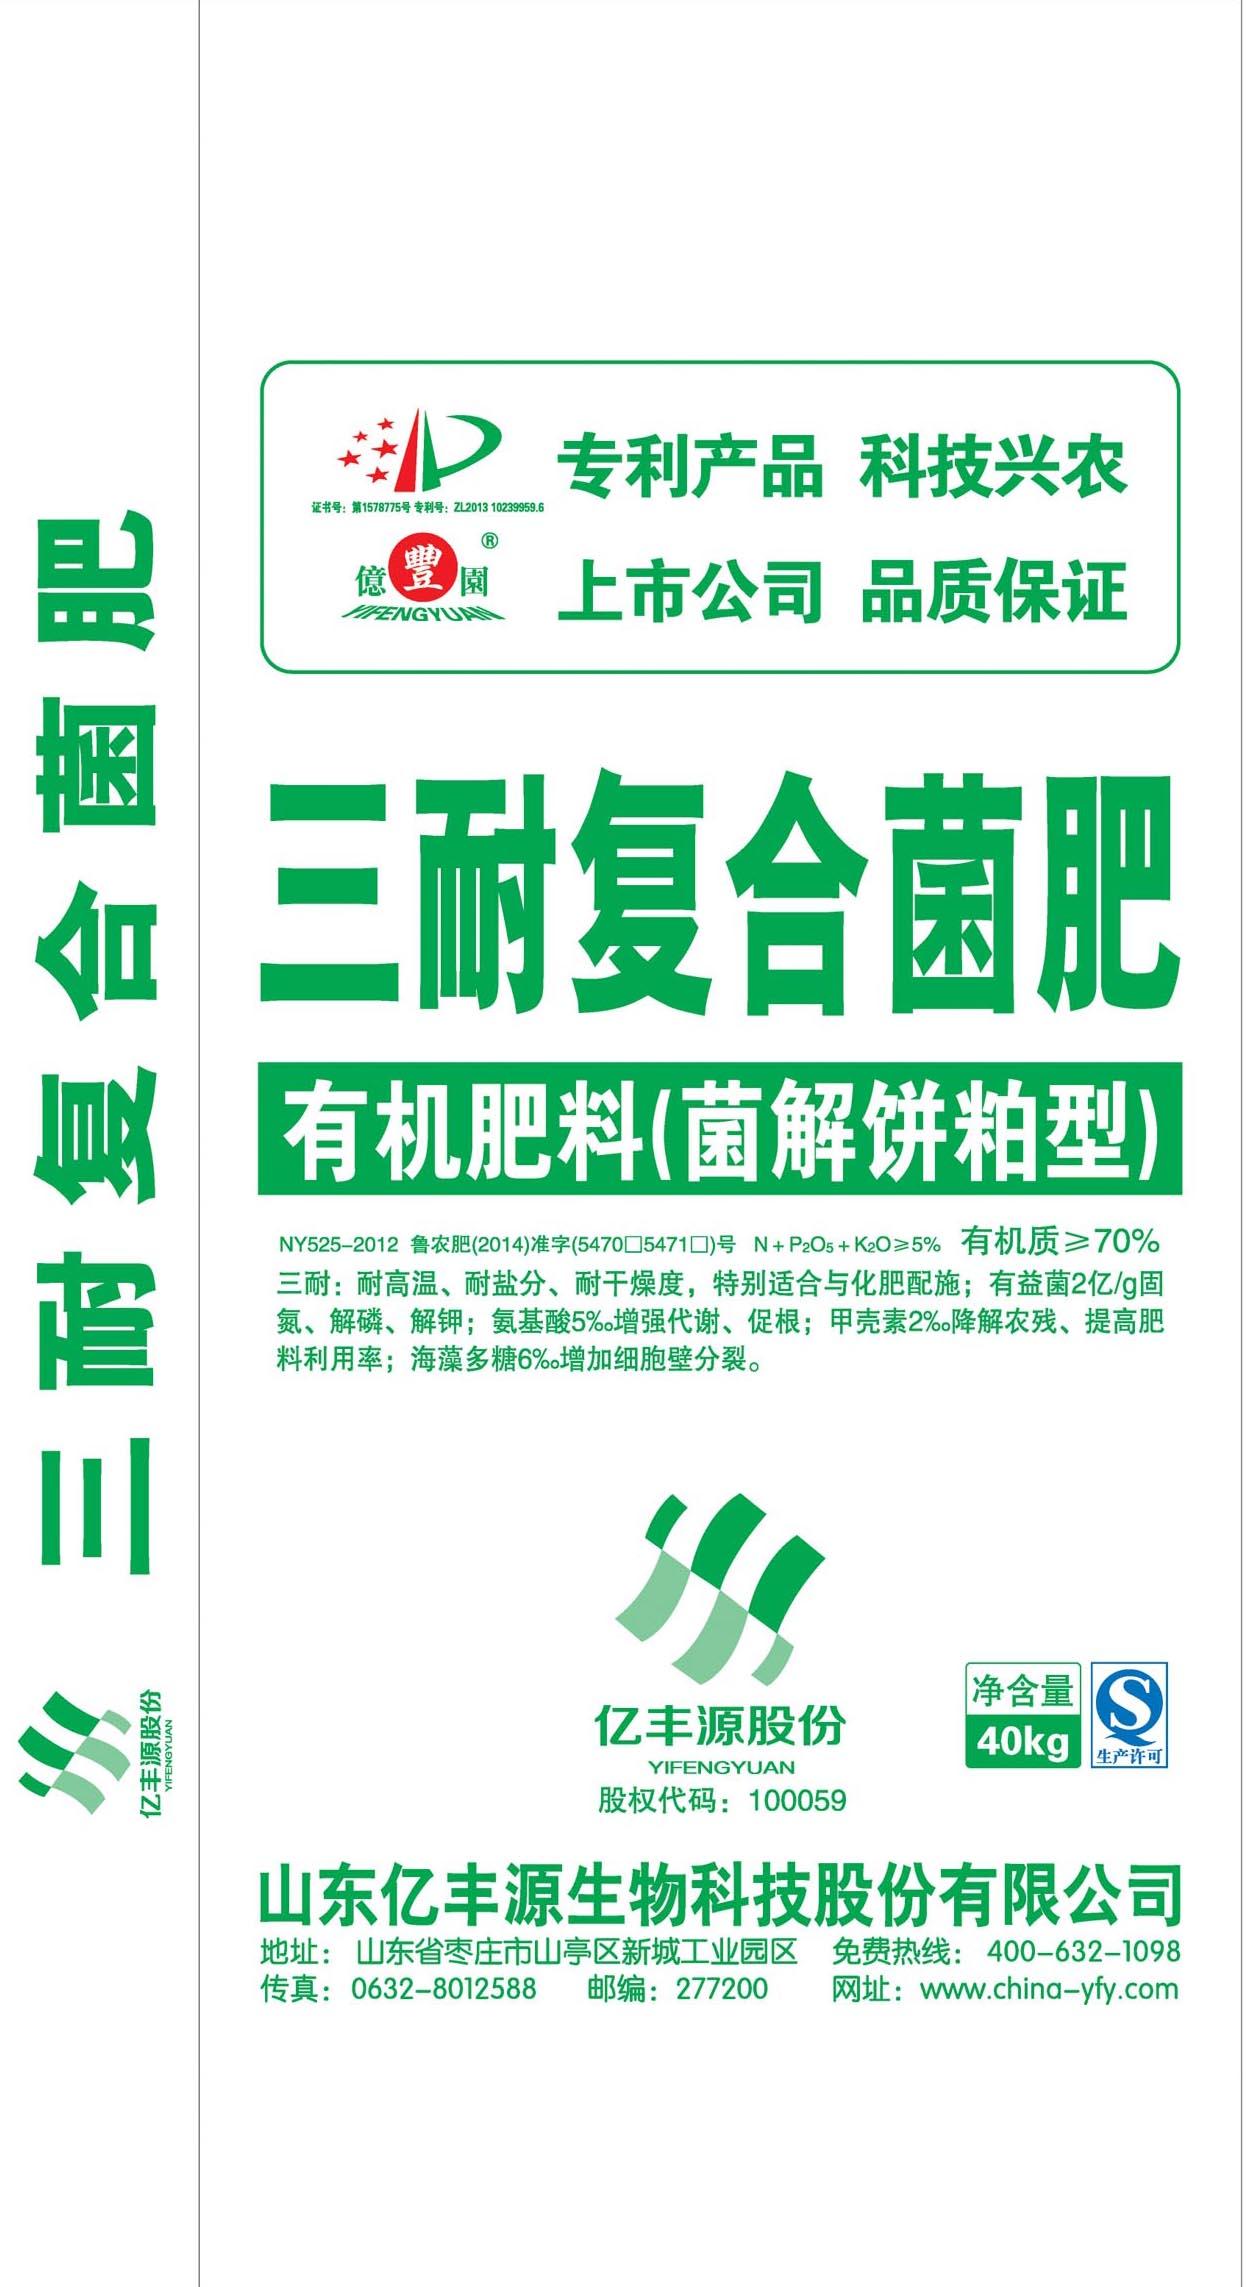 饲料化肥彩印胶印编织袋 {荐}兴坤塑料包装价格合理的化肥编织袋供应